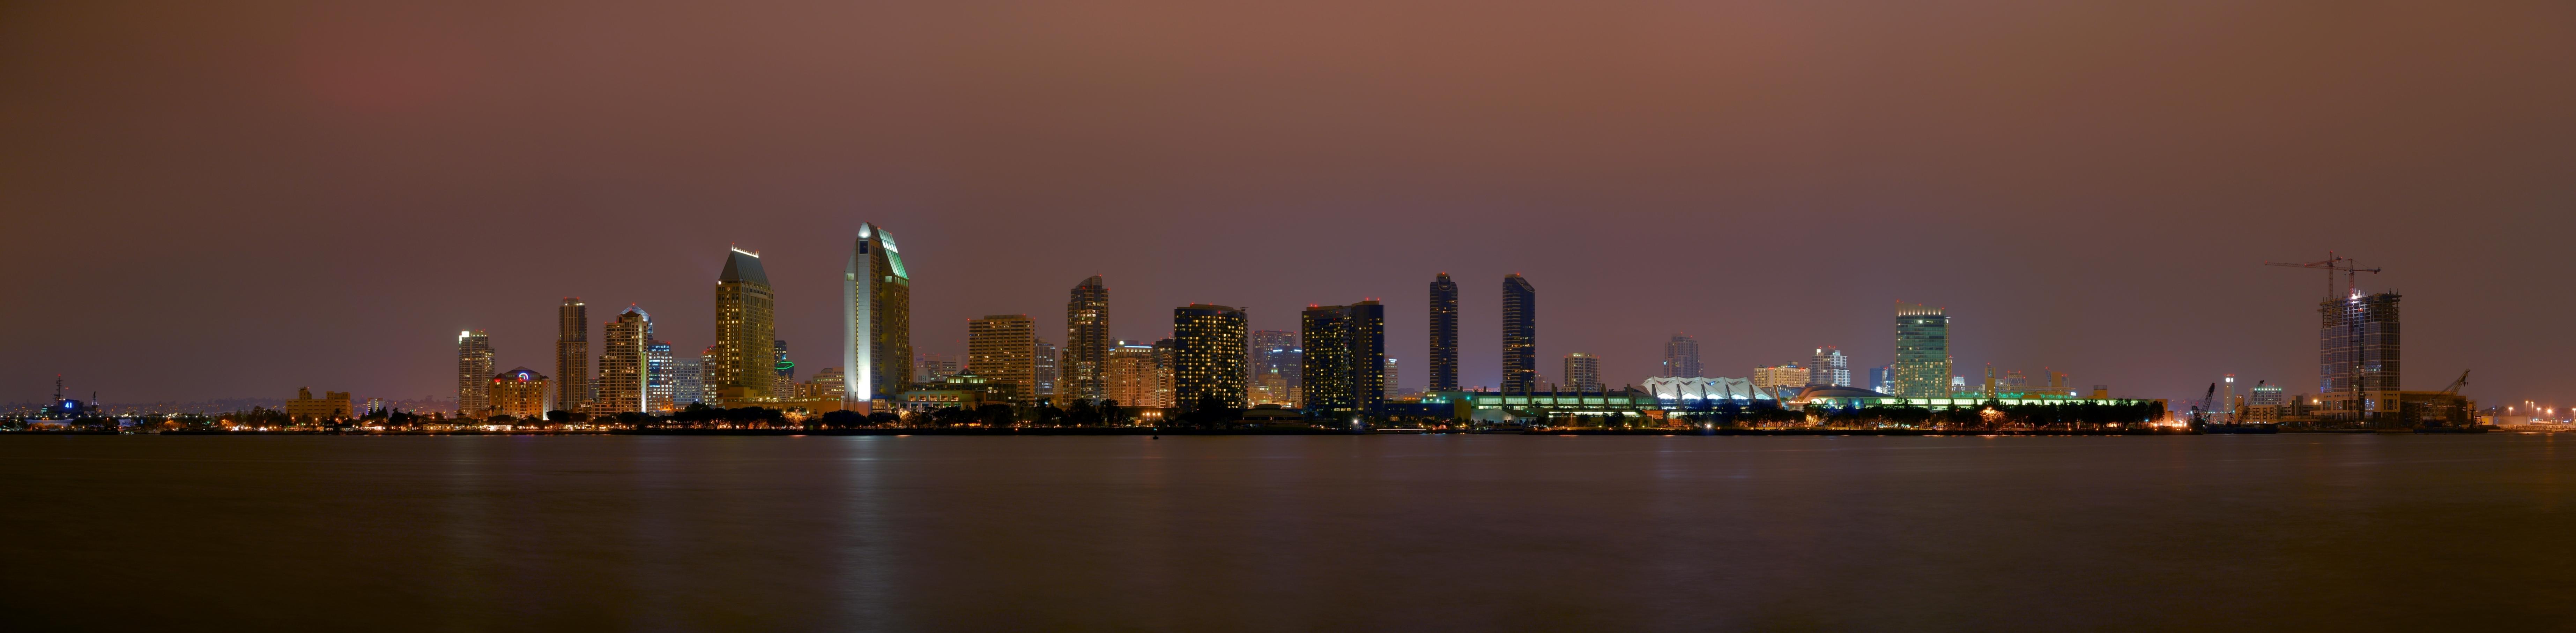 San Diego | Familypedia | FANDOM powered by Wikia